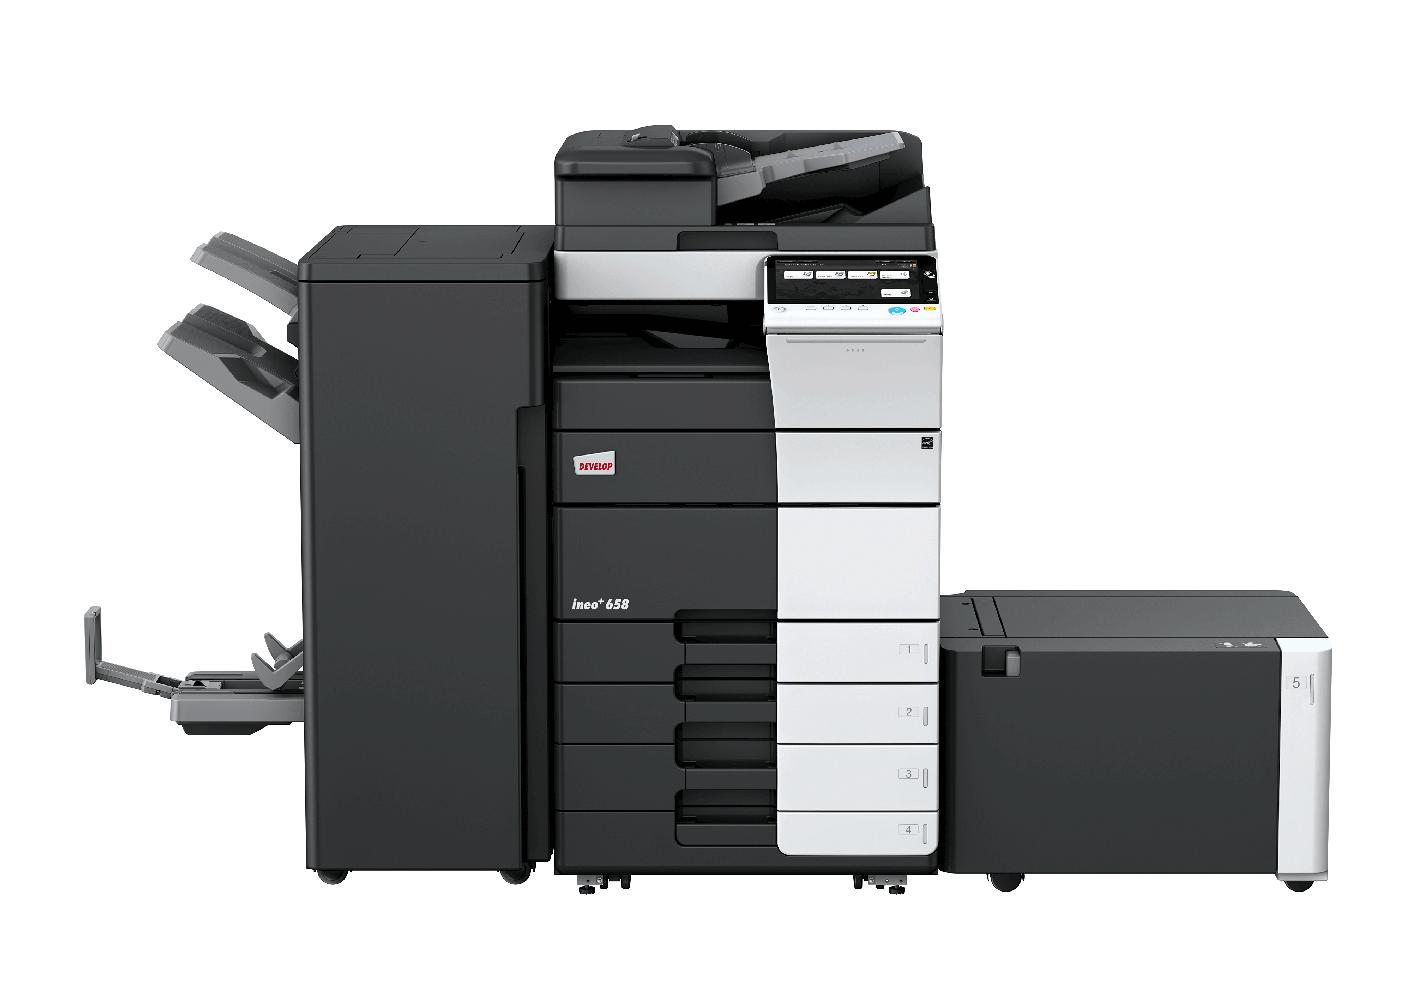 Photocopieur A3 Couleur Develop Ineo 658 Les Bureauticiens